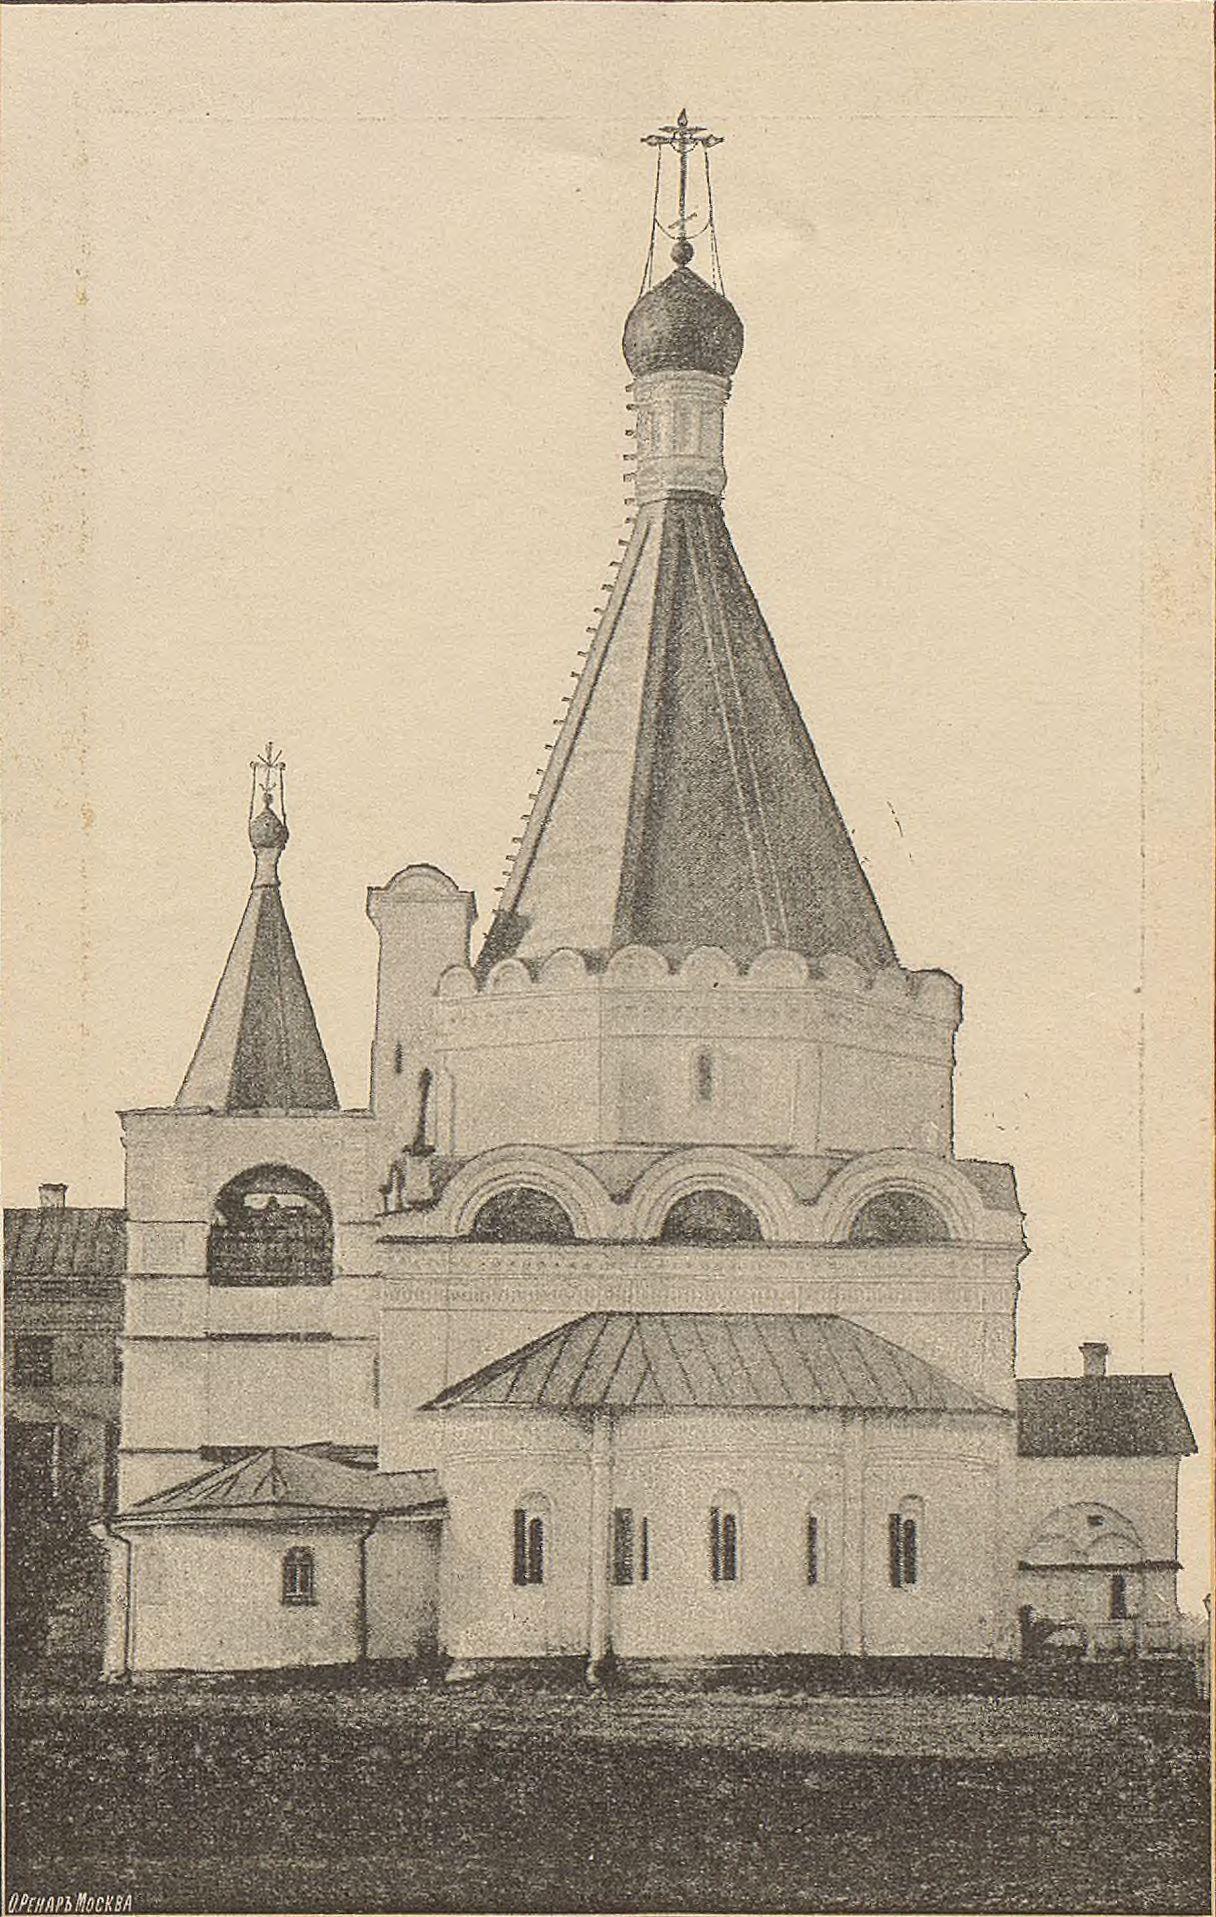 Архангельский собор, древнейший в Нижнем Новгороде